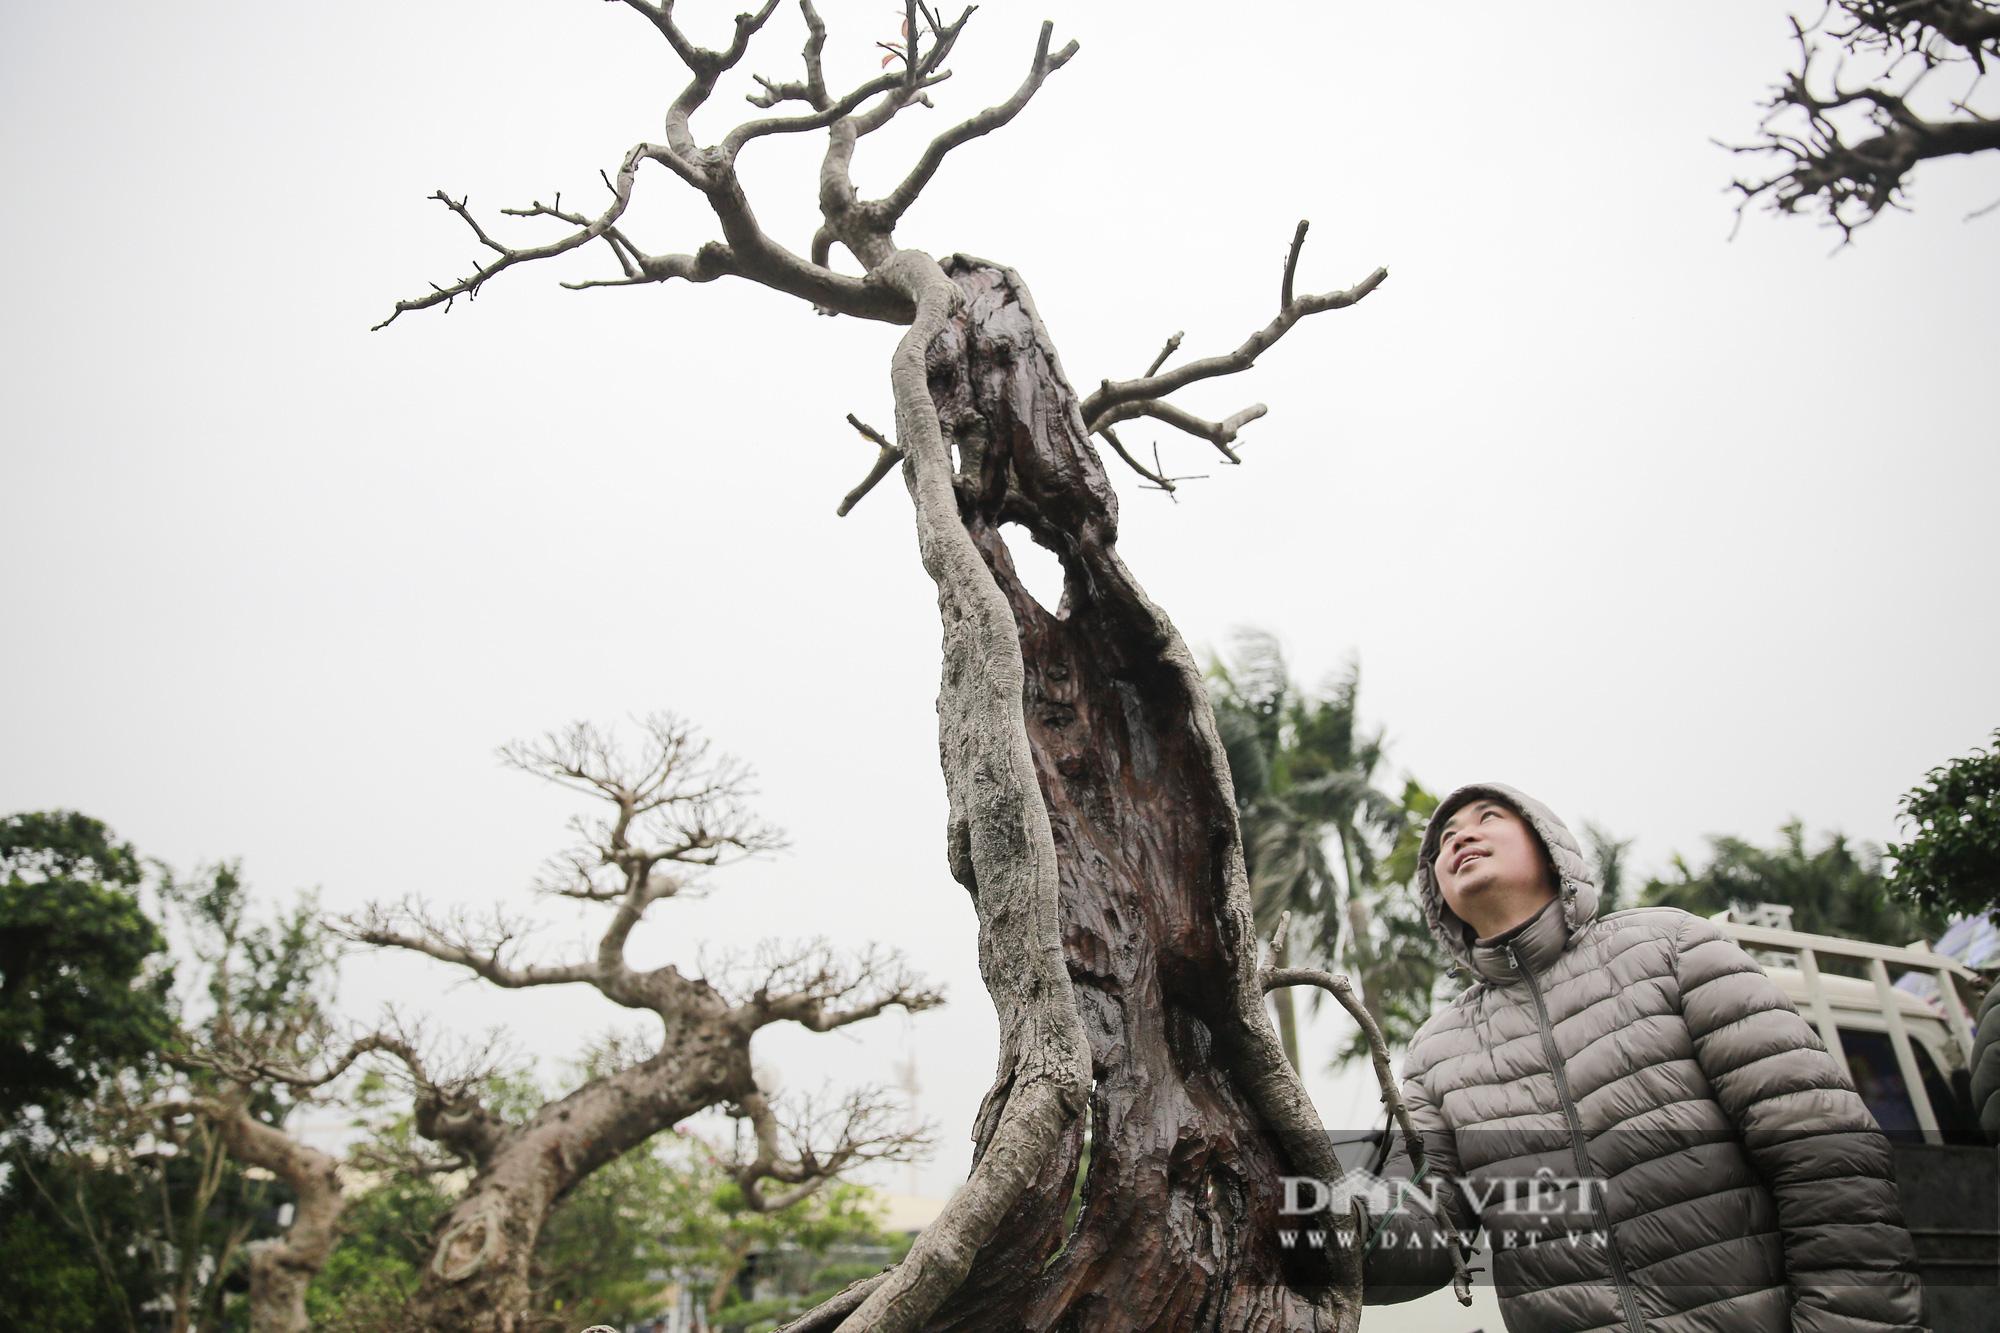 Mãn nhãn với những chậu bonsai quý hiếm tại Festival Sinh vật cảnh Hà Nội - Ảnh 6.